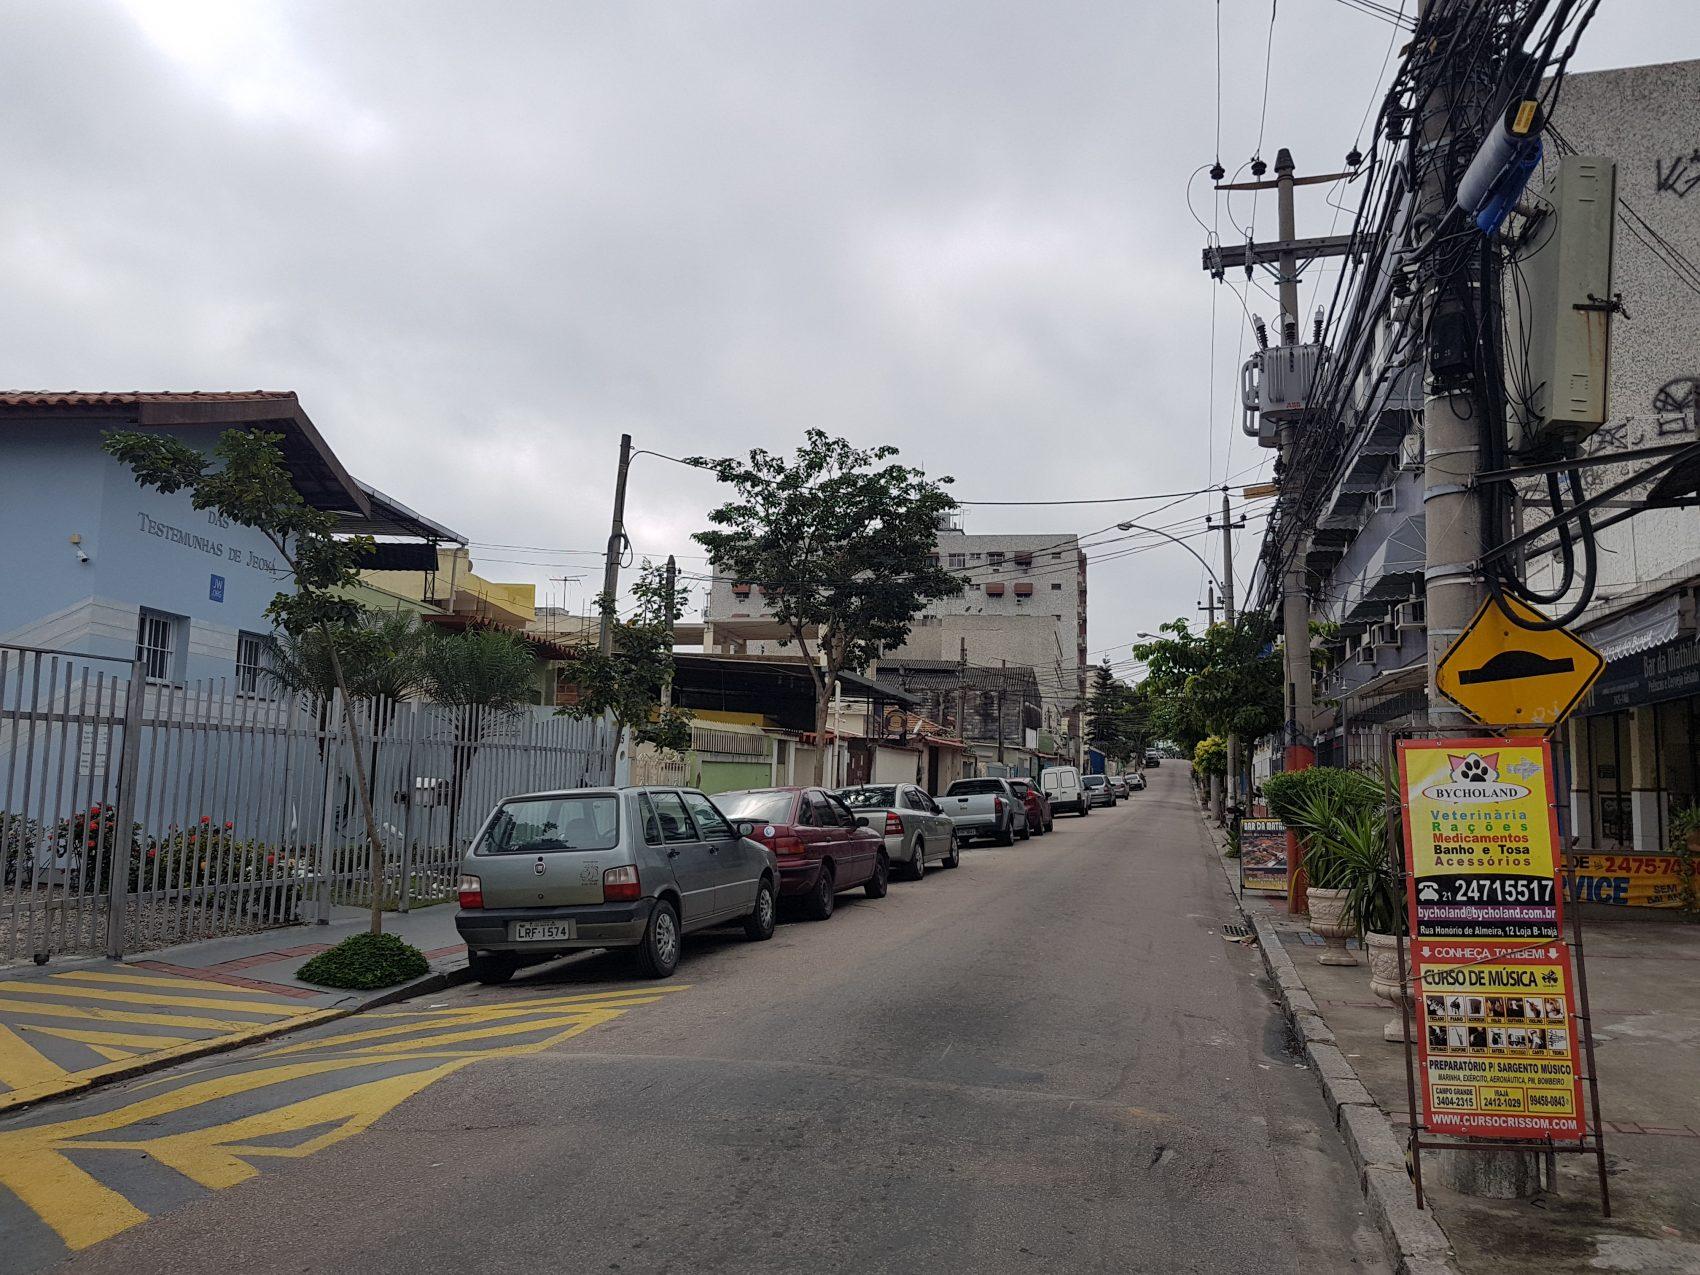 """Rua Honório de Almeida, onde morou Nei Lopes, que homenagerou o bairro no """"Sanba do Irajá"""" IFoto Oscar Valporto)"""